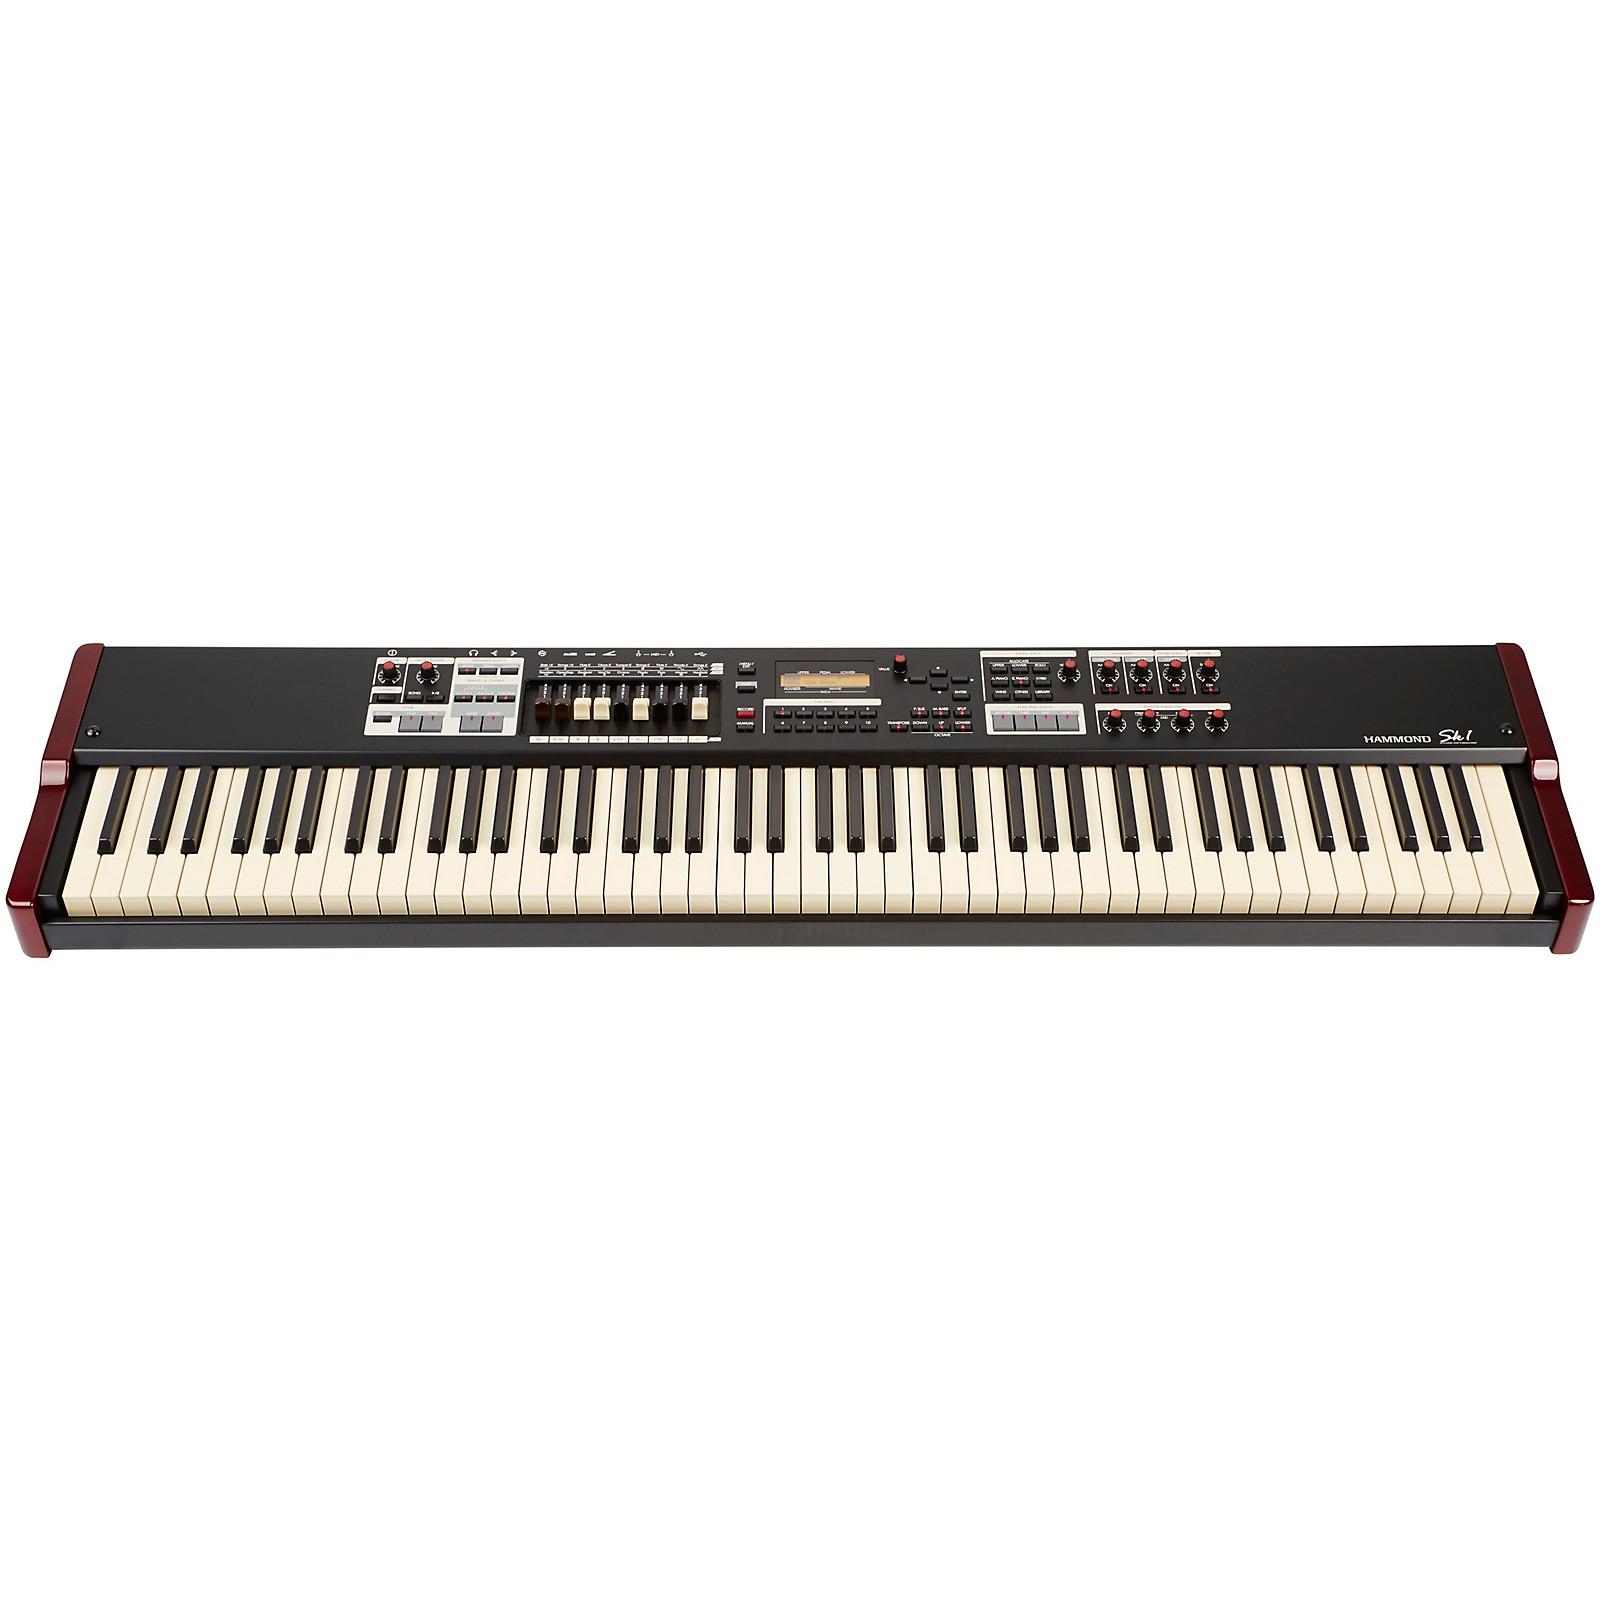 Hammond Sk1-88 88-Key Digital Stage Keyboard and Organ